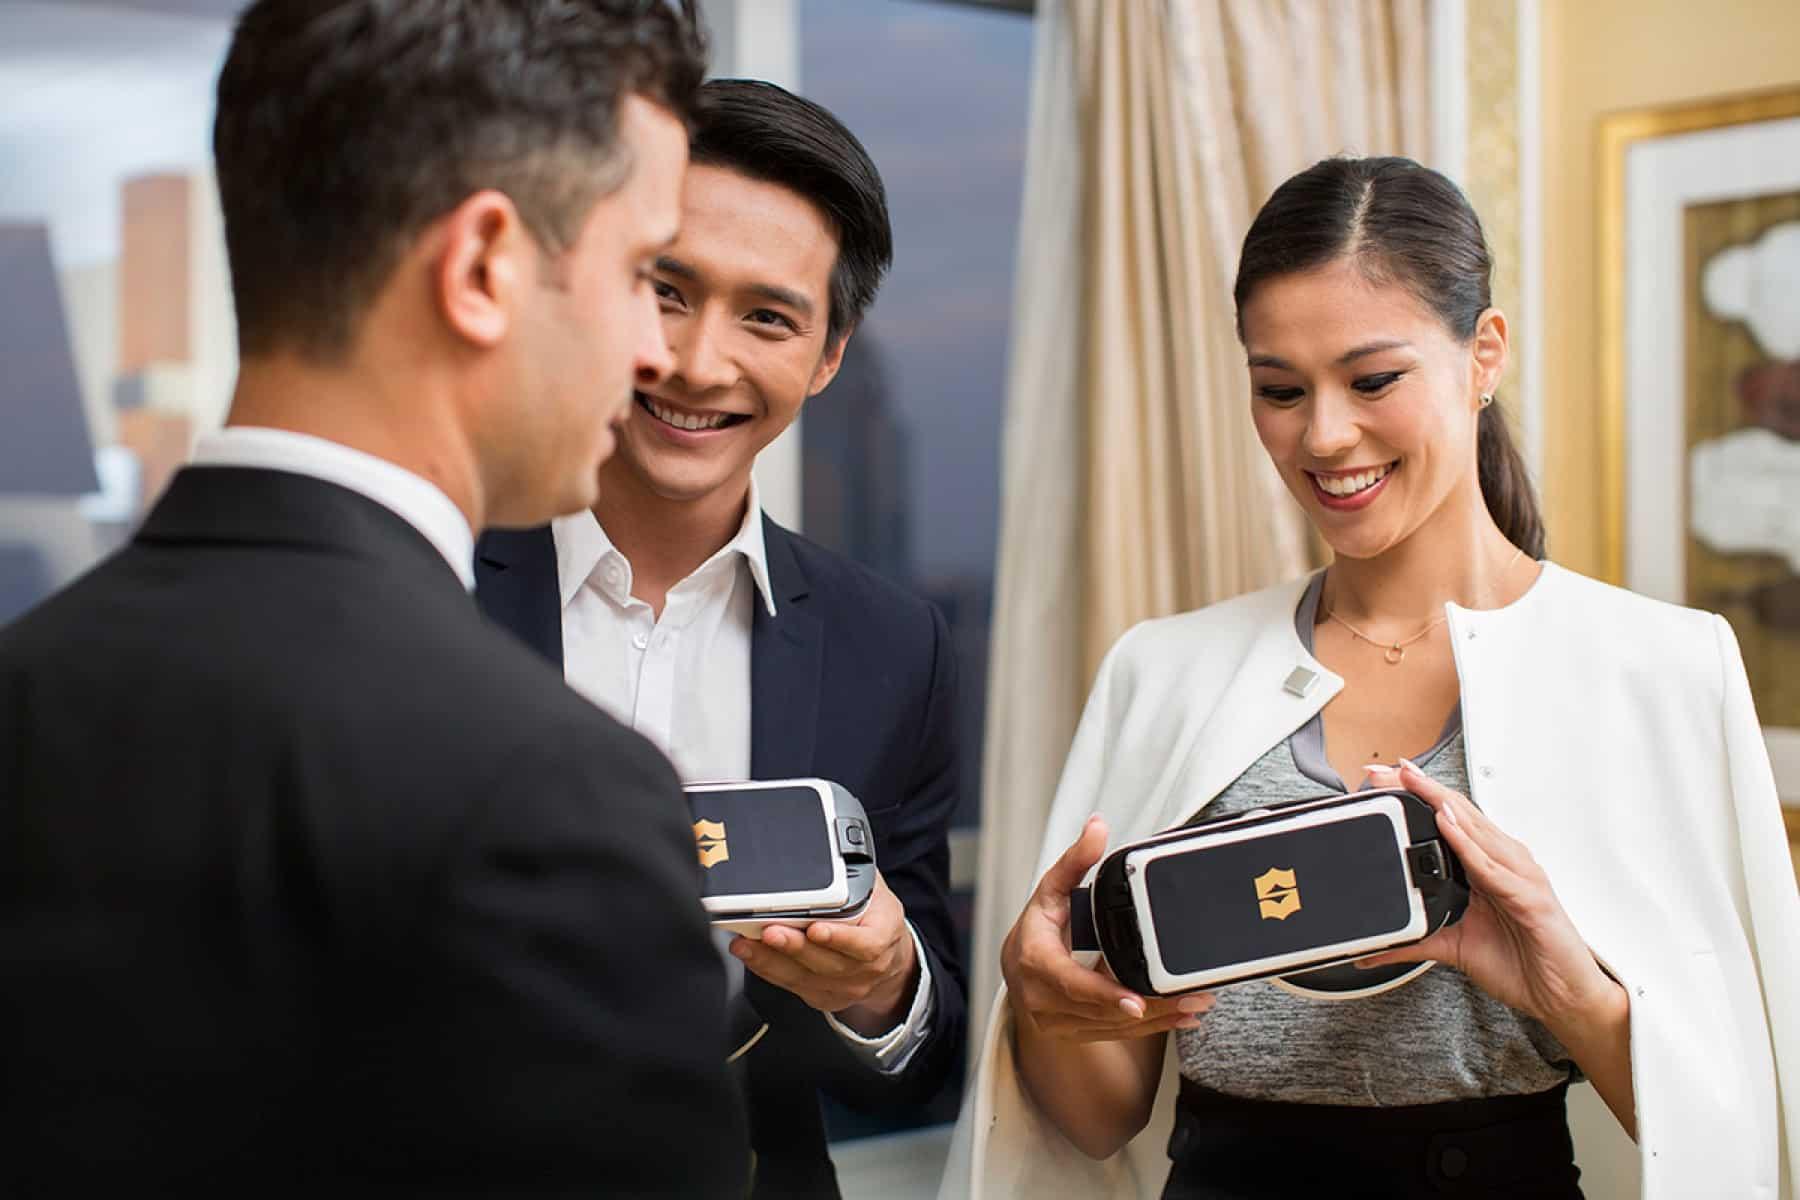 Интернет-маркетинг, ритейл, виртуальная реальность, технологии